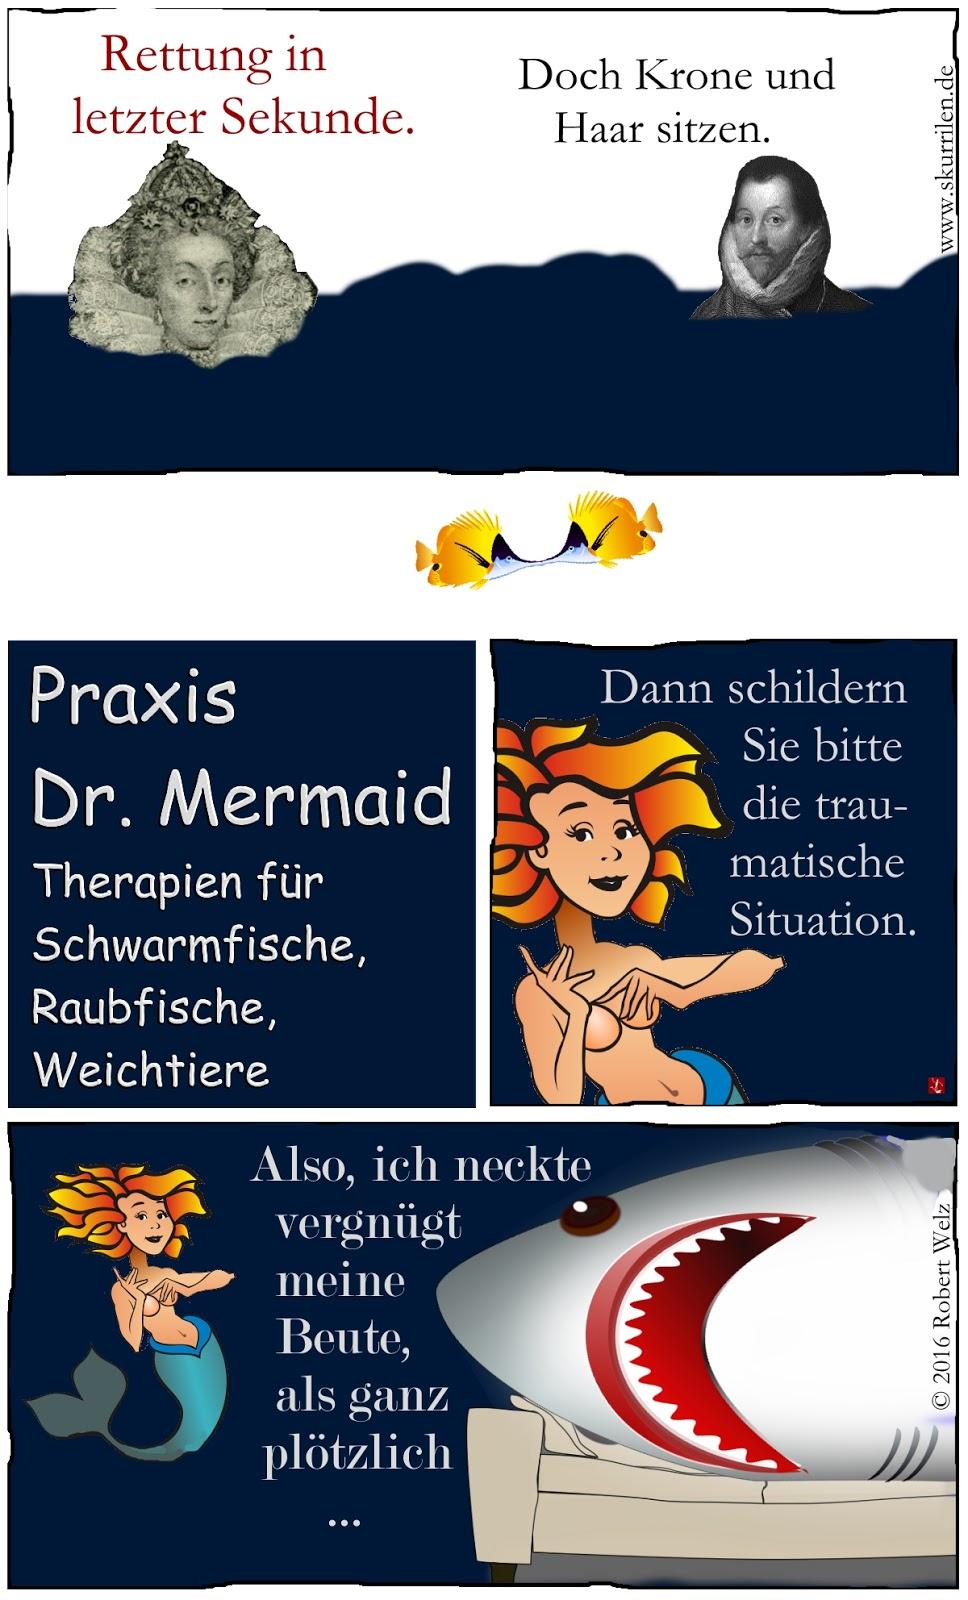 humoristische Fantasy im Webcomic: Königin Elizabeth I. und Pirat Francis Drake sind aus Seenot gerettet. Der Weiße Hai begibt sich in Therapie bei einer bezaubernden Meerjungfrau